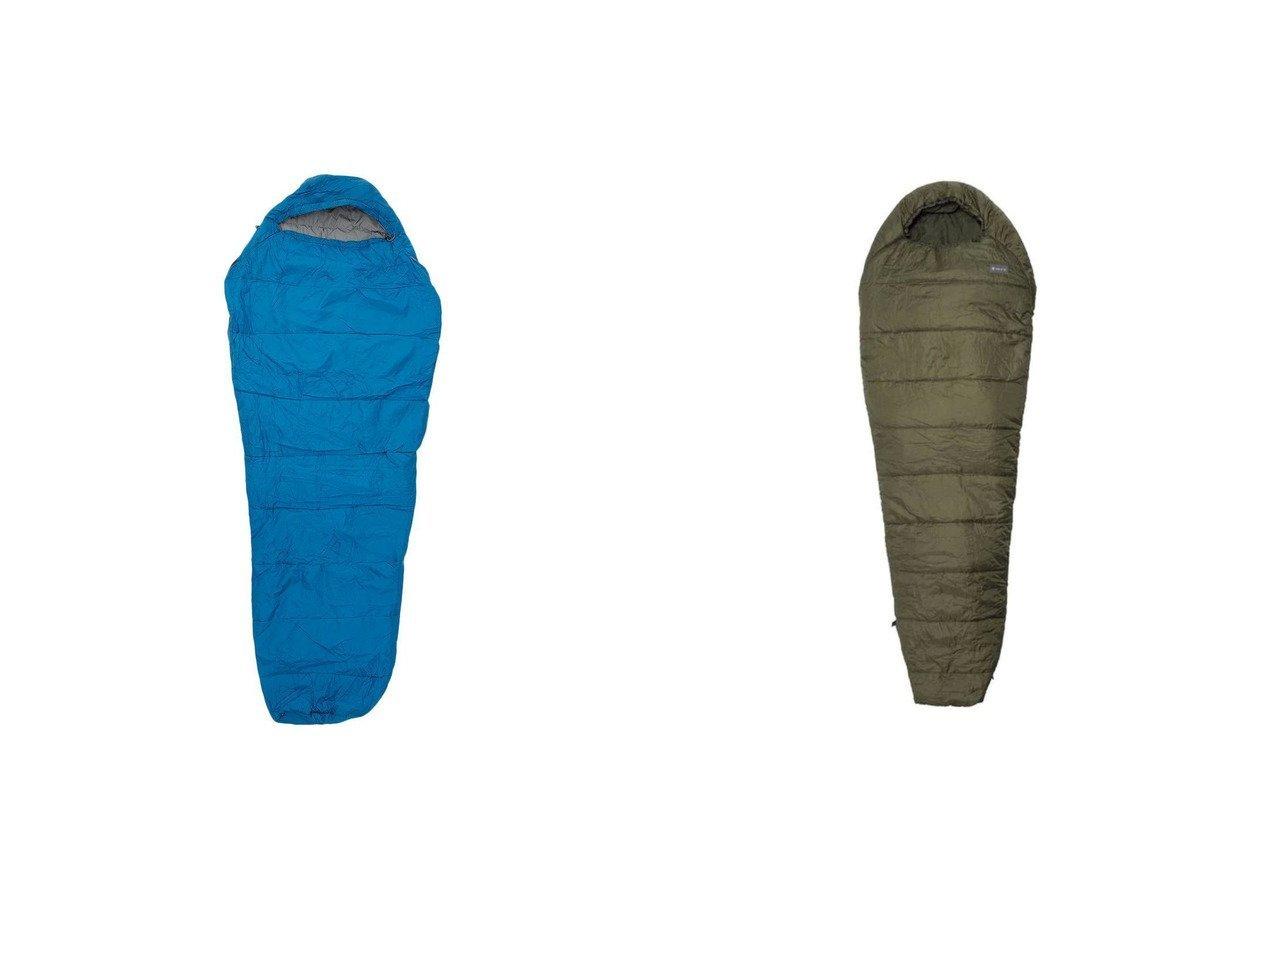 【Whole Earth/ホールアース】の寝袋 シュラフ寝具 コンパクト 折りたたみ 軽量 Ultra Light Compact スリーピングバッグ15℃ WE21DE86&【SNOW PEAK/スノーピーク】の寝袋 シュラフミリタリースリーピングバッグ オリーブドラブ BDD-050OD おすすめ!人気キャンプ・アウトドア用品の通販 おすすめで人気の流行・トレンド、ファッションの通販商品 メンズファッション・キッズファッション・インテリア・家具・レディースファッション・服の通販 founy(ファニー) https://founy.com/ ファッション Fashion レディースファッション WOMEN A/W・秋冬 AW・Autumn/Winter・FW・Fall-Winter コンパクト 軽量 タフタ ホーム・キャンプ・アウトドア Home,Garden,Outdoor,Camping Gear キャンプ用品・アウトドア  Camping Gear & Outdoor Supplies 寝具 シュラフ 枕 Schlaf, Sleeping bag, Pillow |ID:crp329100000034788